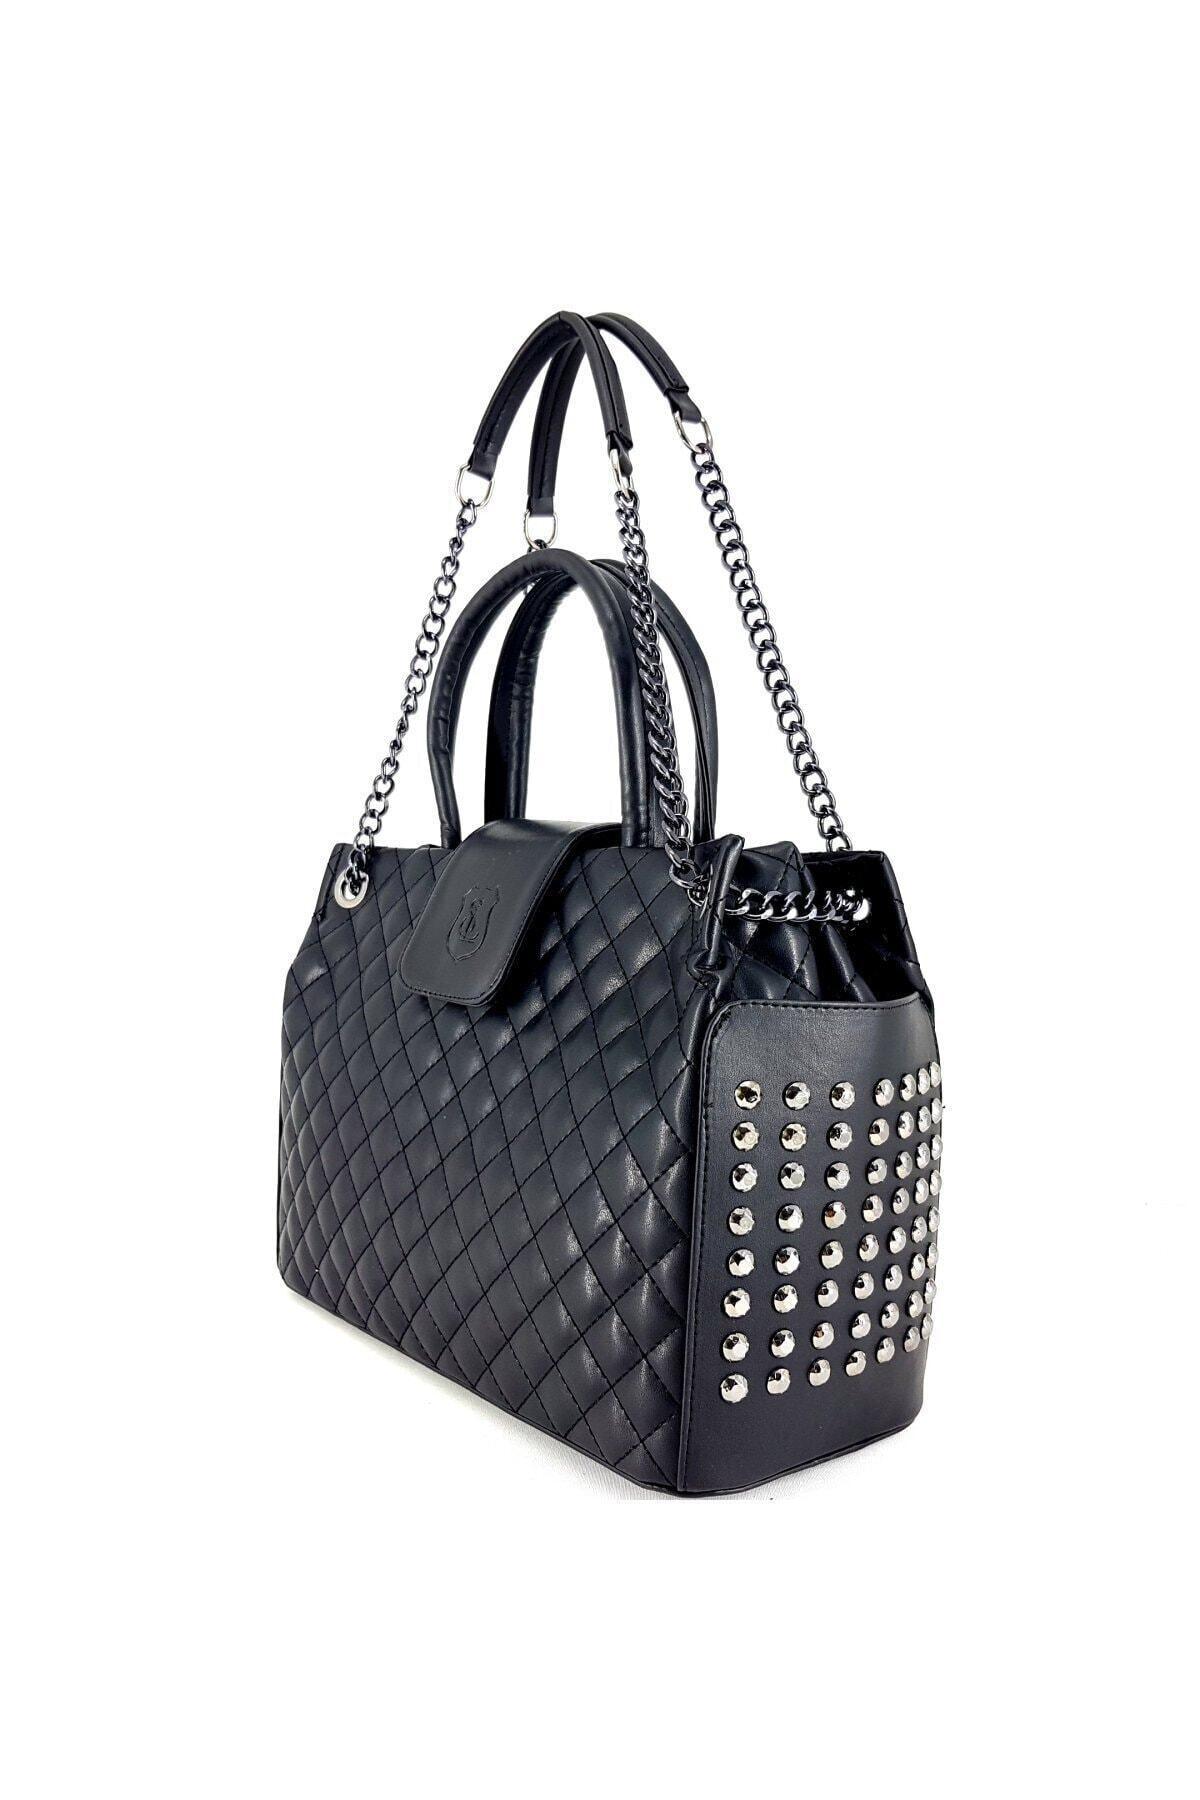 Ladystyle Kadın Siyah Omuz Çanta 1